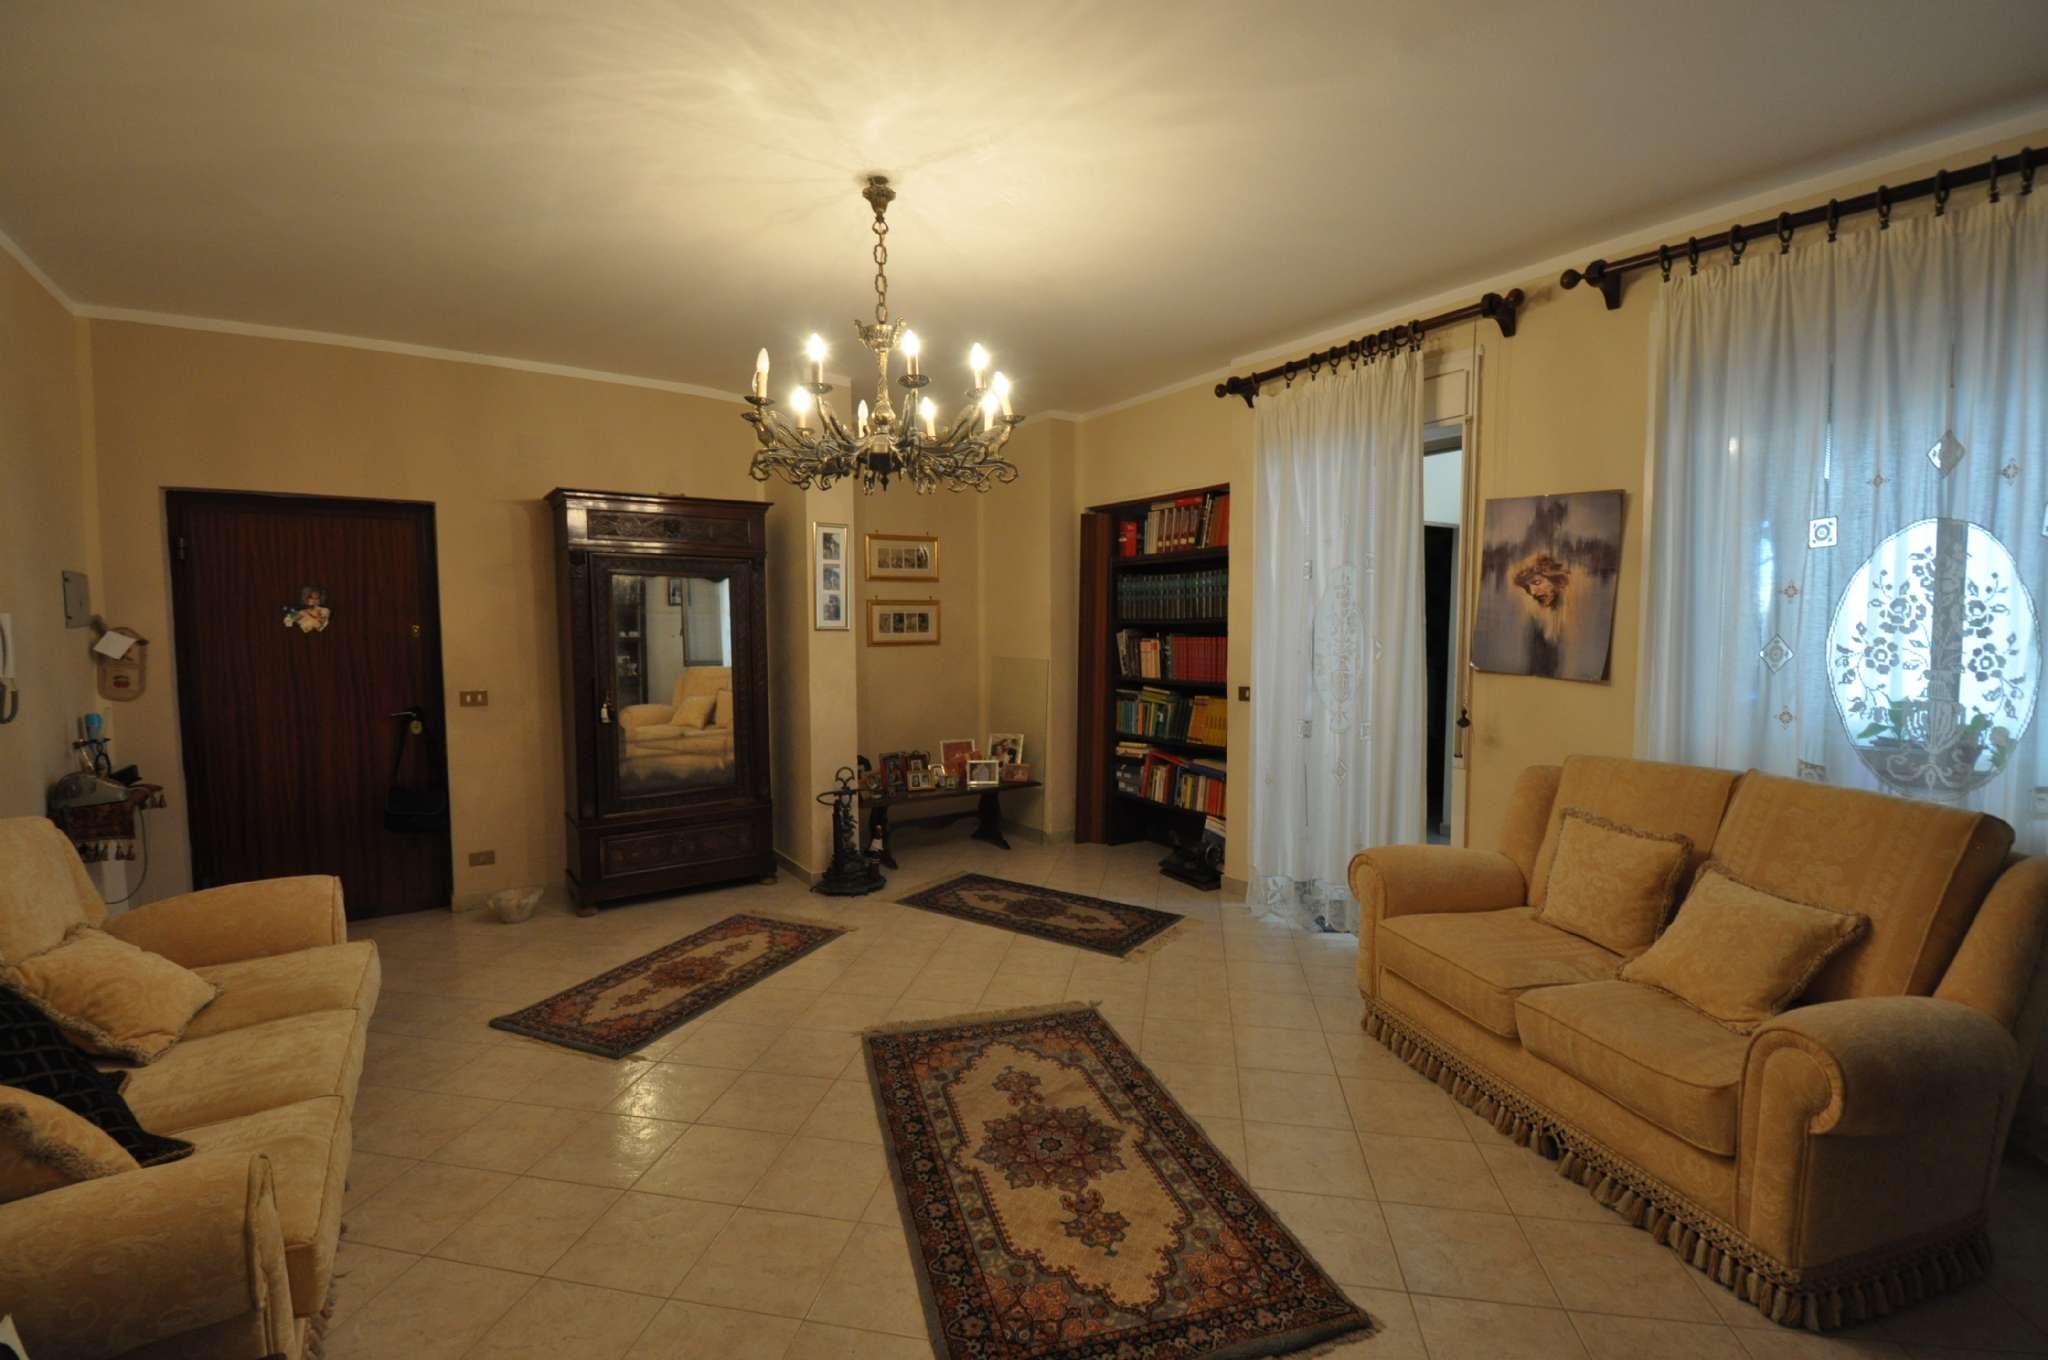 Appartamento in affitto a palermo via alcide de gasperi for Affitto appartamento arredato palermo